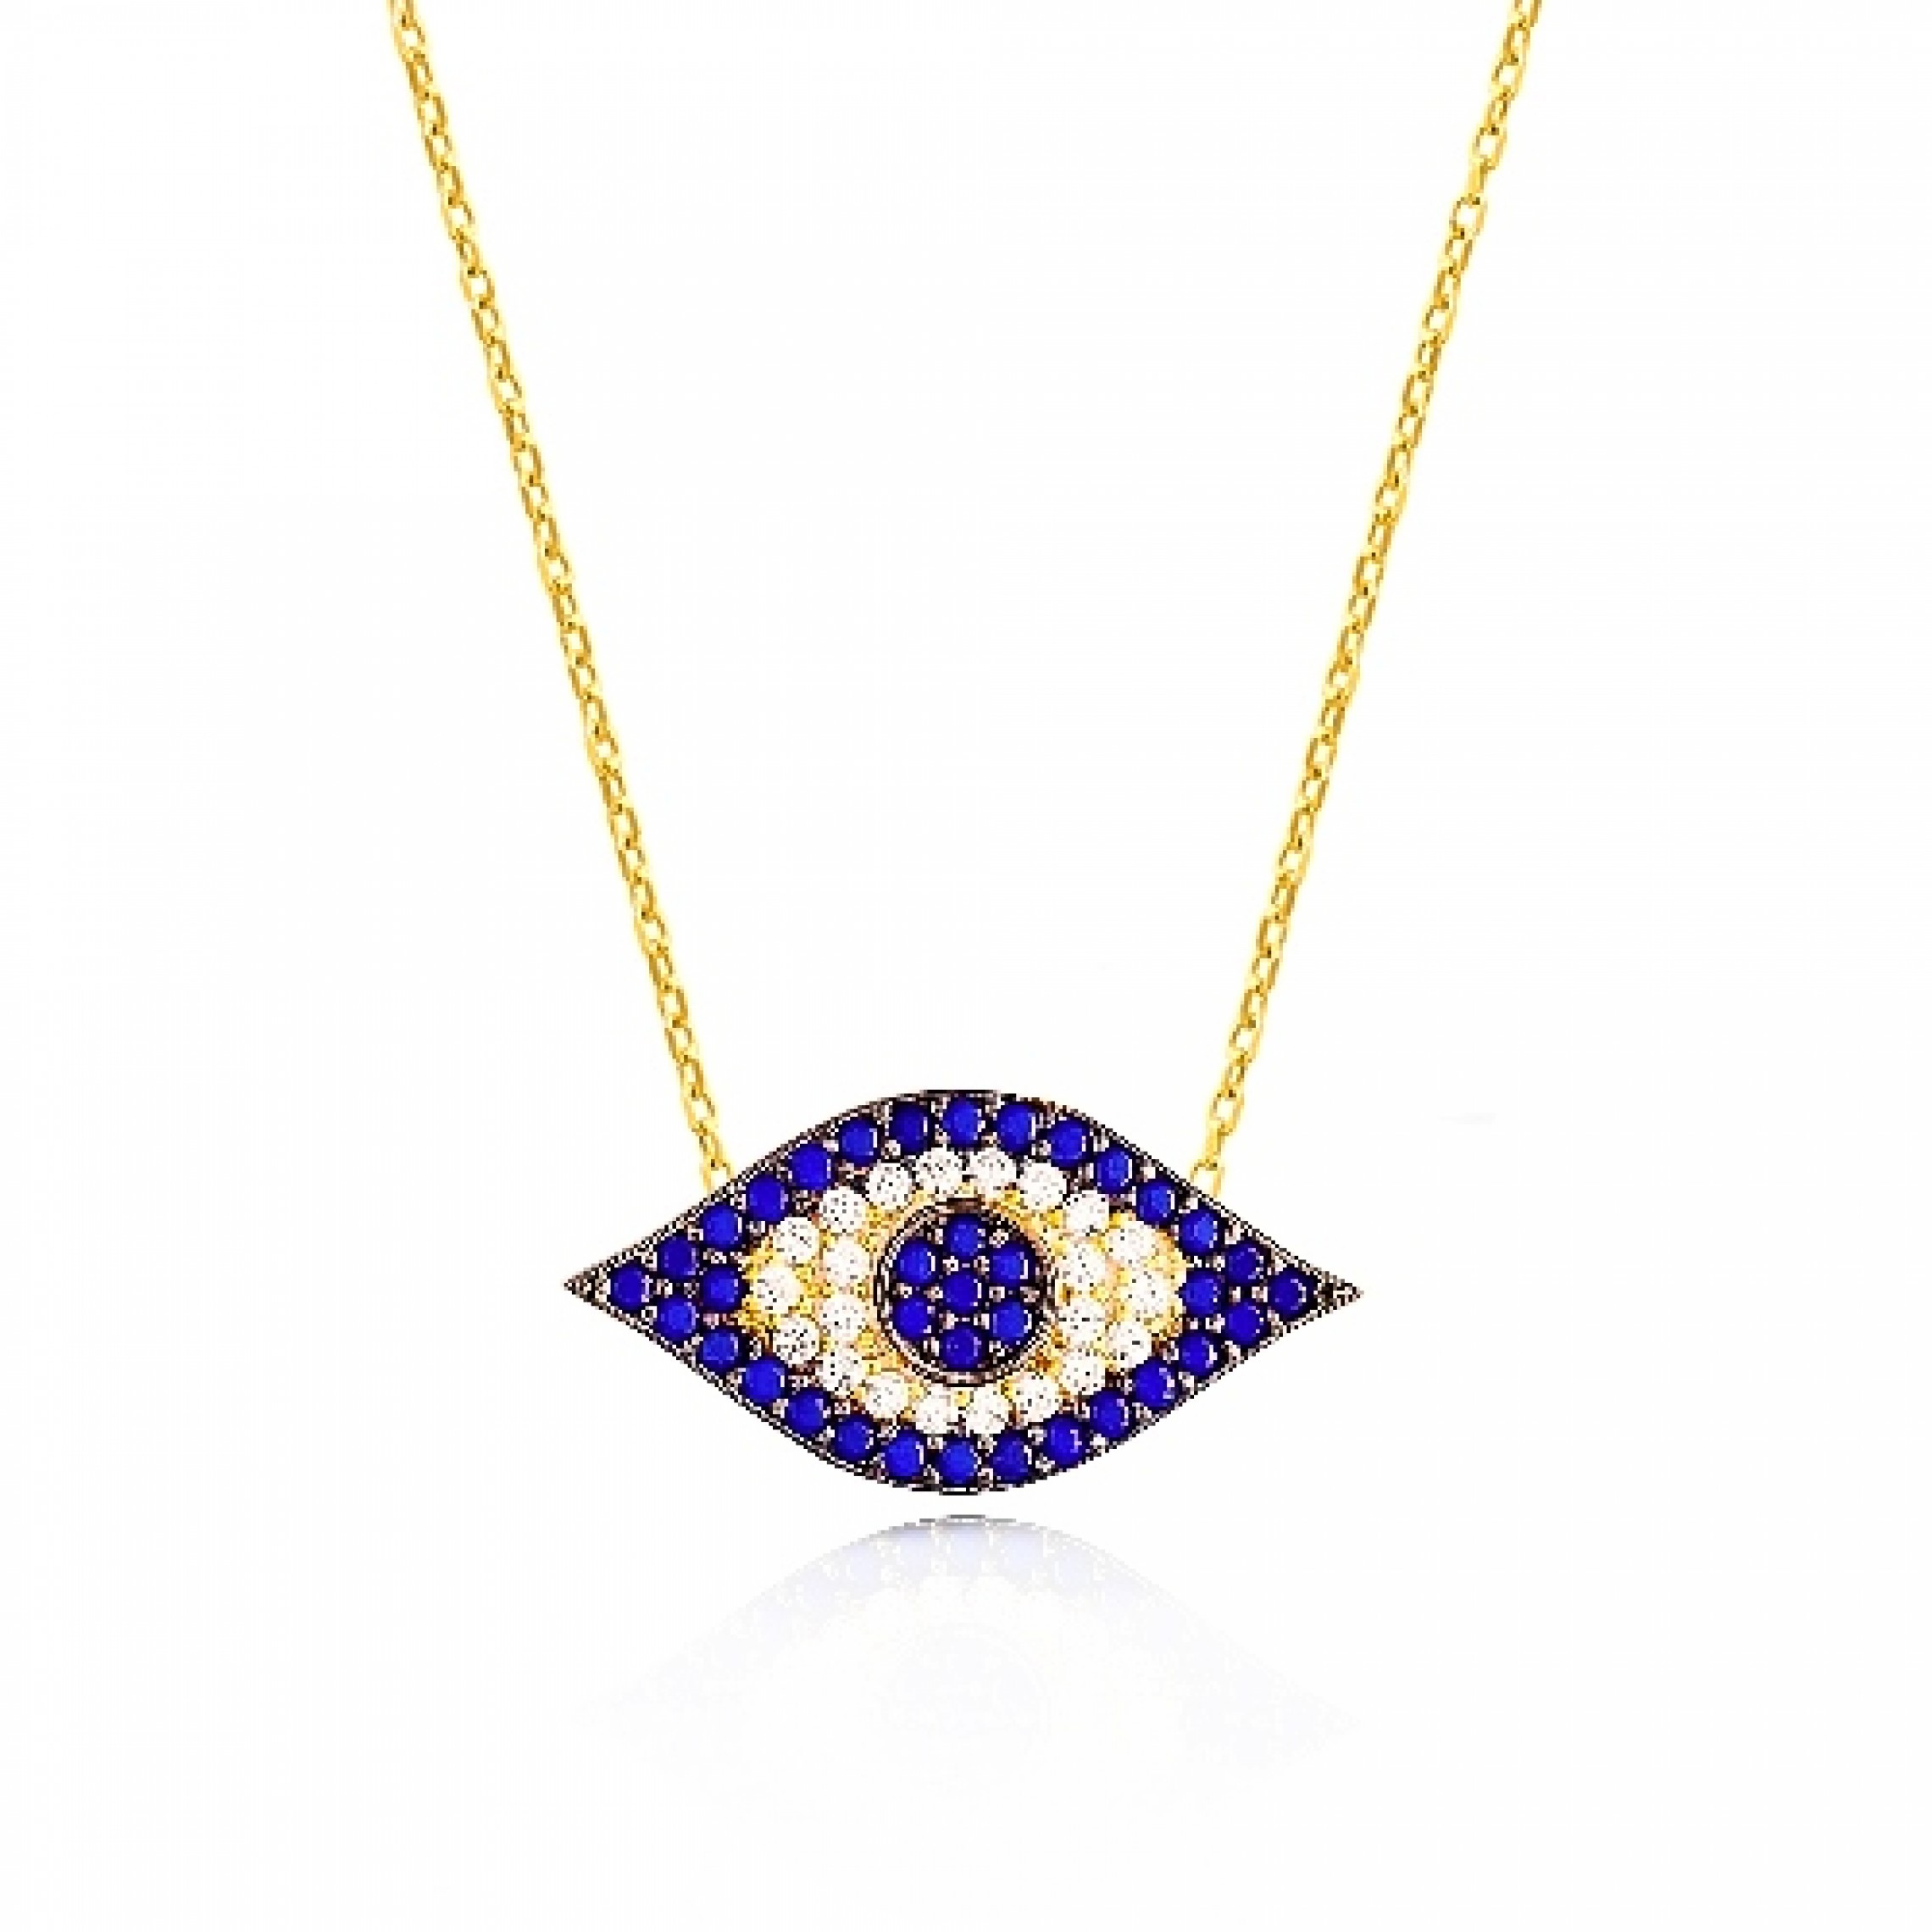 JN-190244 Evil Eye 925 Sterling Silver CZ Necklace Evil Eyes